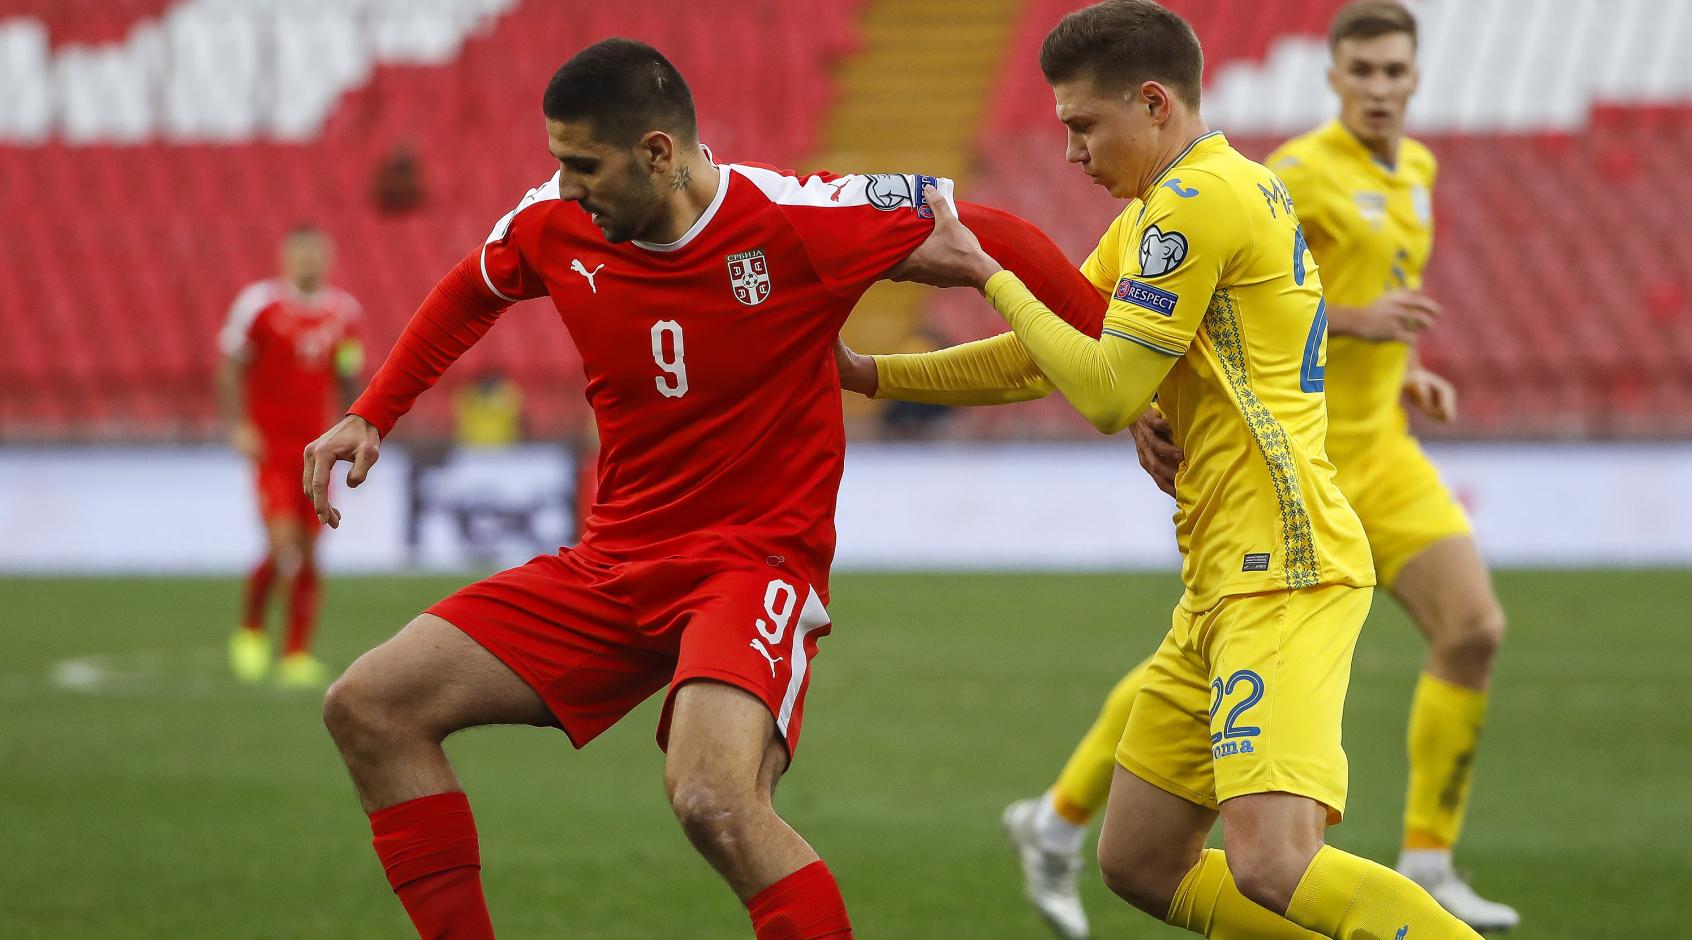 """Александар Митрович: """"Украина забила случайный гол на последних секундах и избежала поражения"""""""